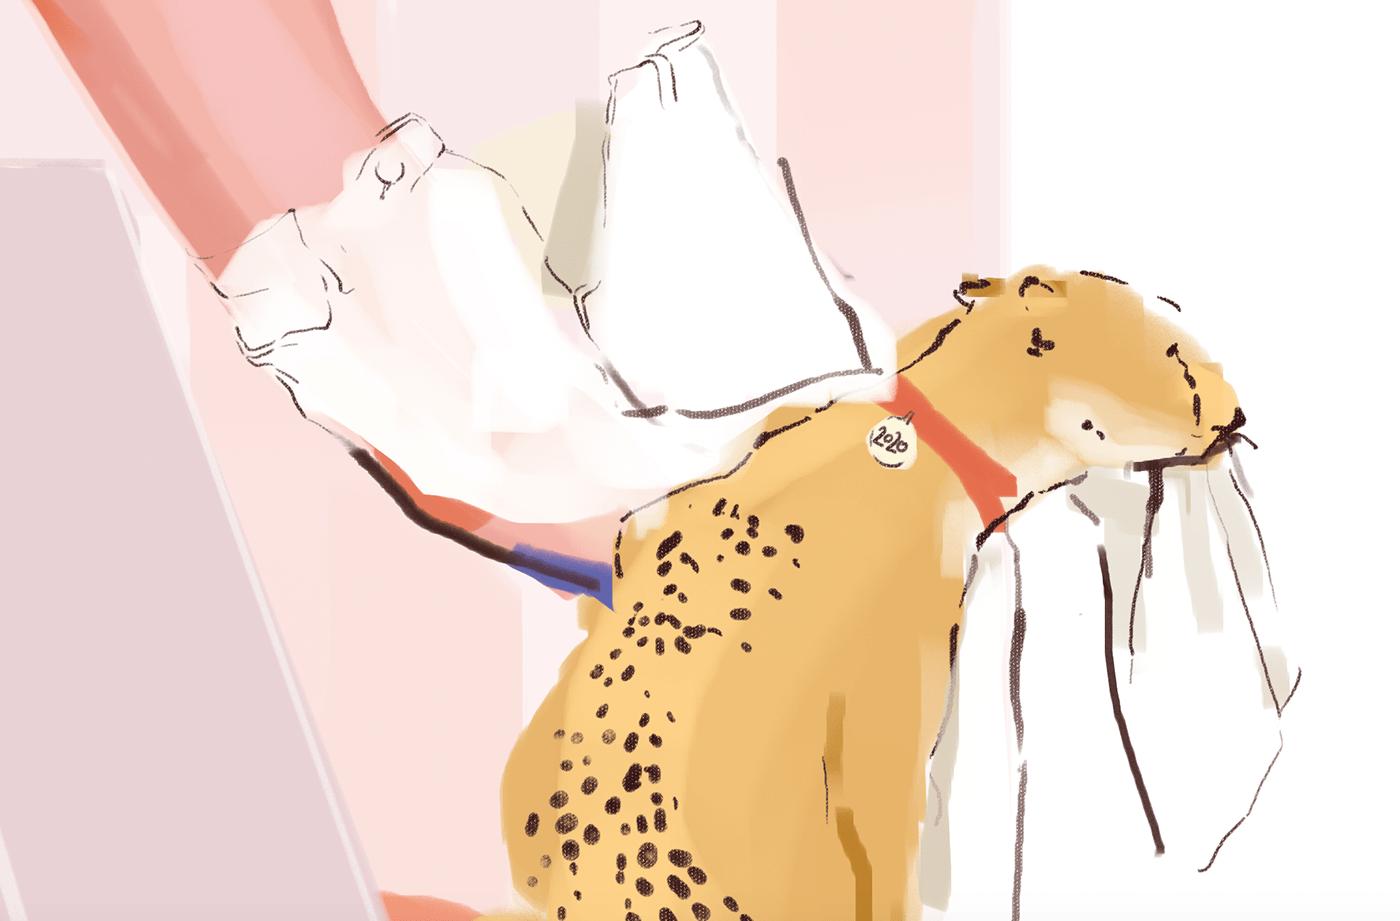 cheetah Drawing  ILLUSTRATION  jump lick man new year pink woman